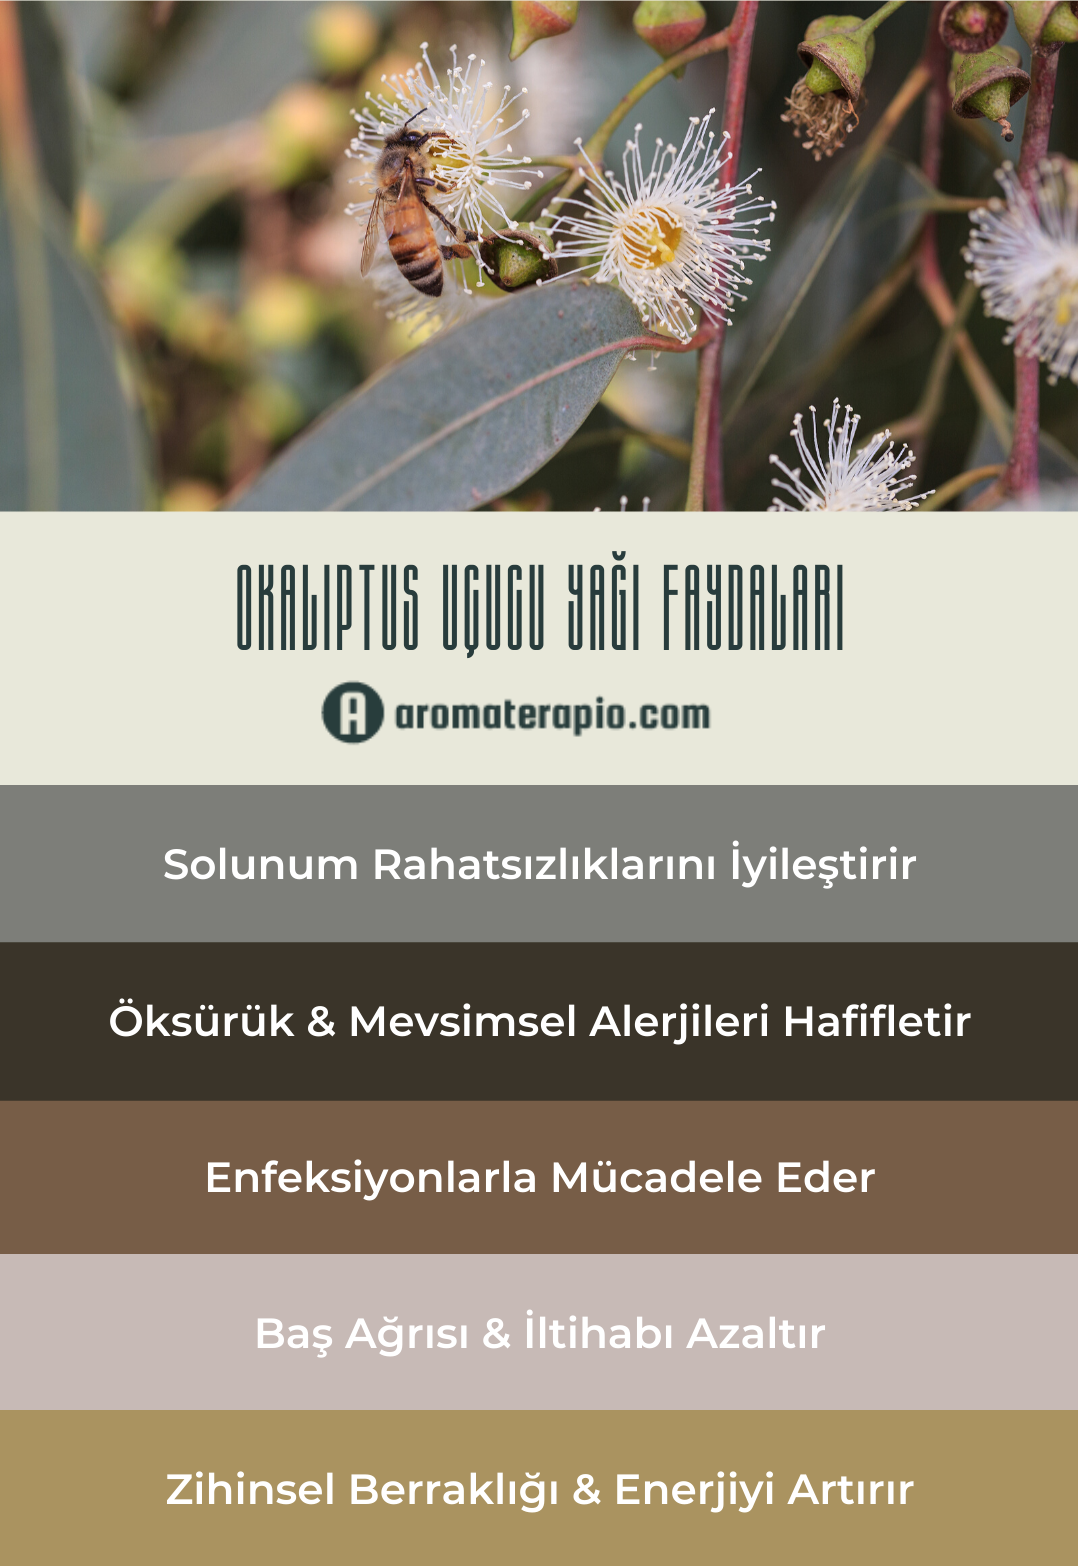 Okaliptus Uçucu Yağı Faydaları Infografik